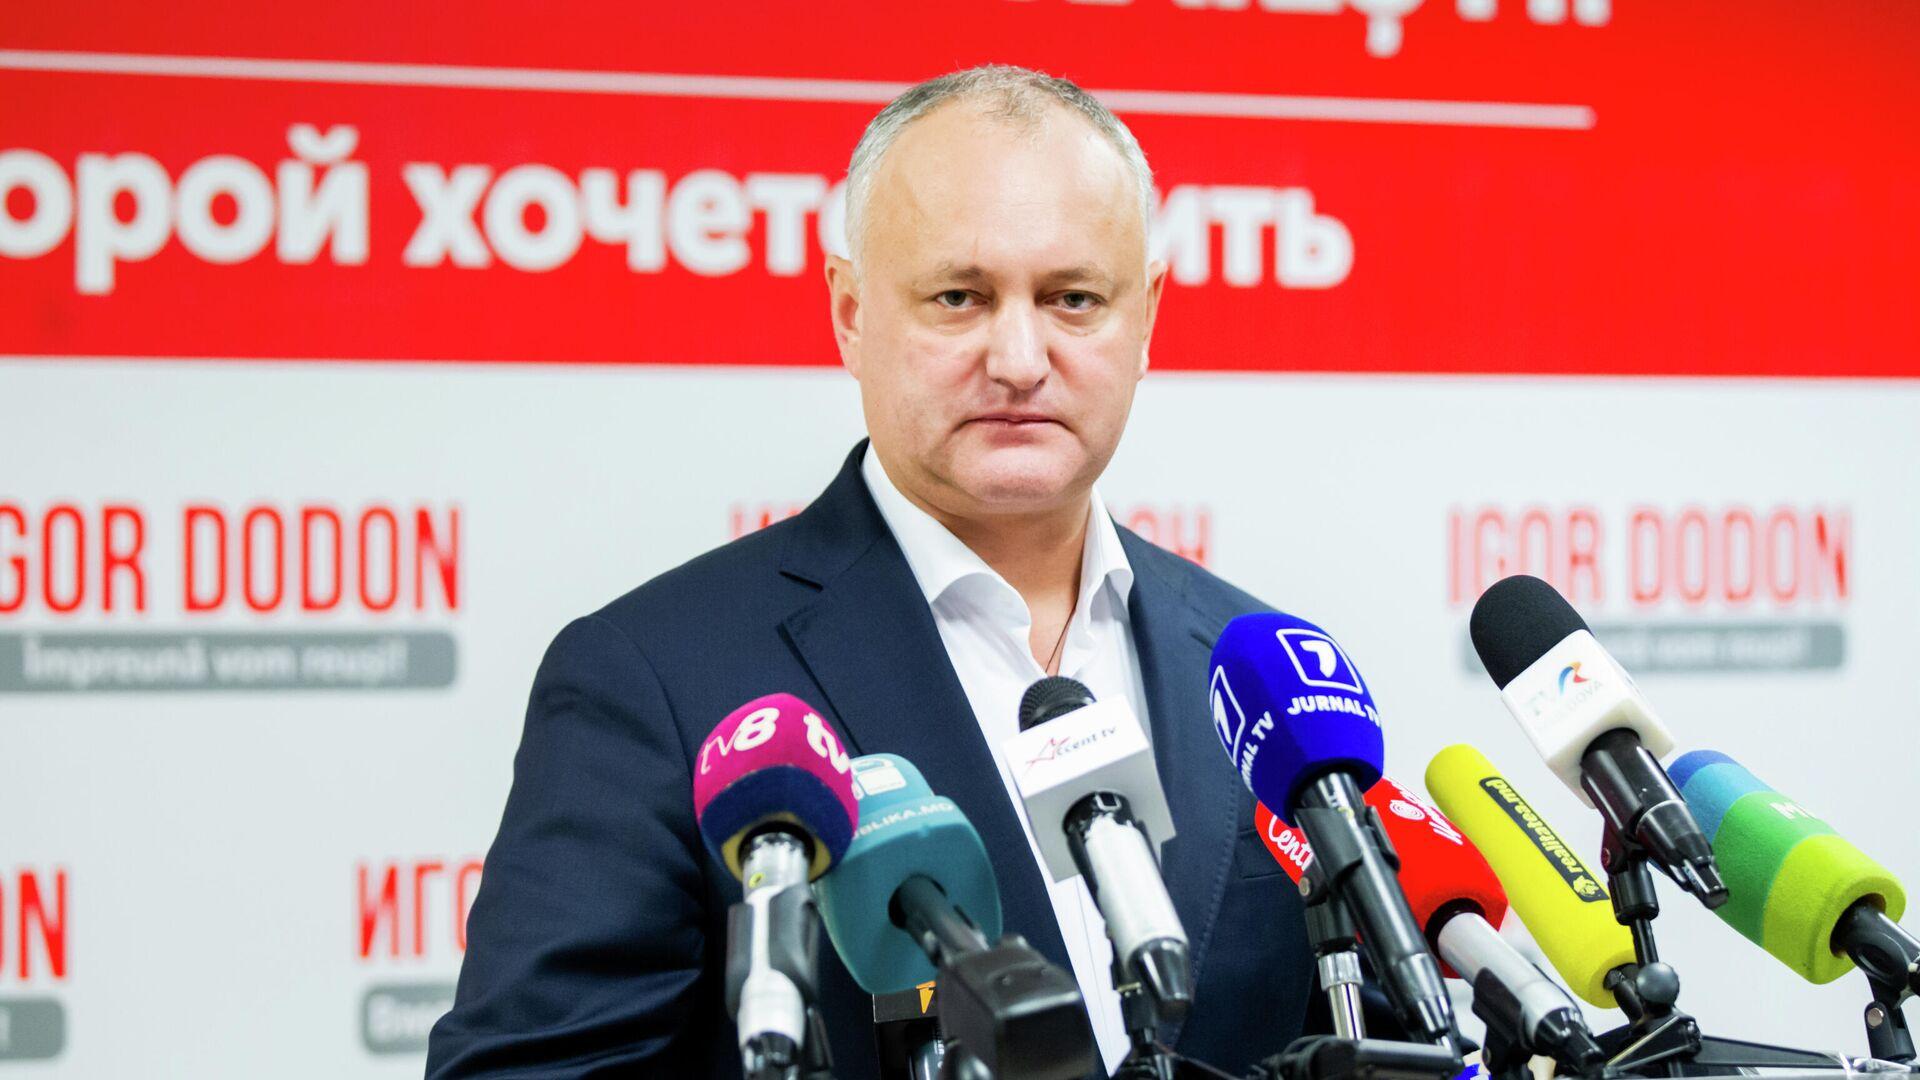 Баллотирующийся на второй срок президент Игорь Додон на пресс-конференции после окончания голосования во втором туре выборов - РИА Новости, 1920, 29.01.2021